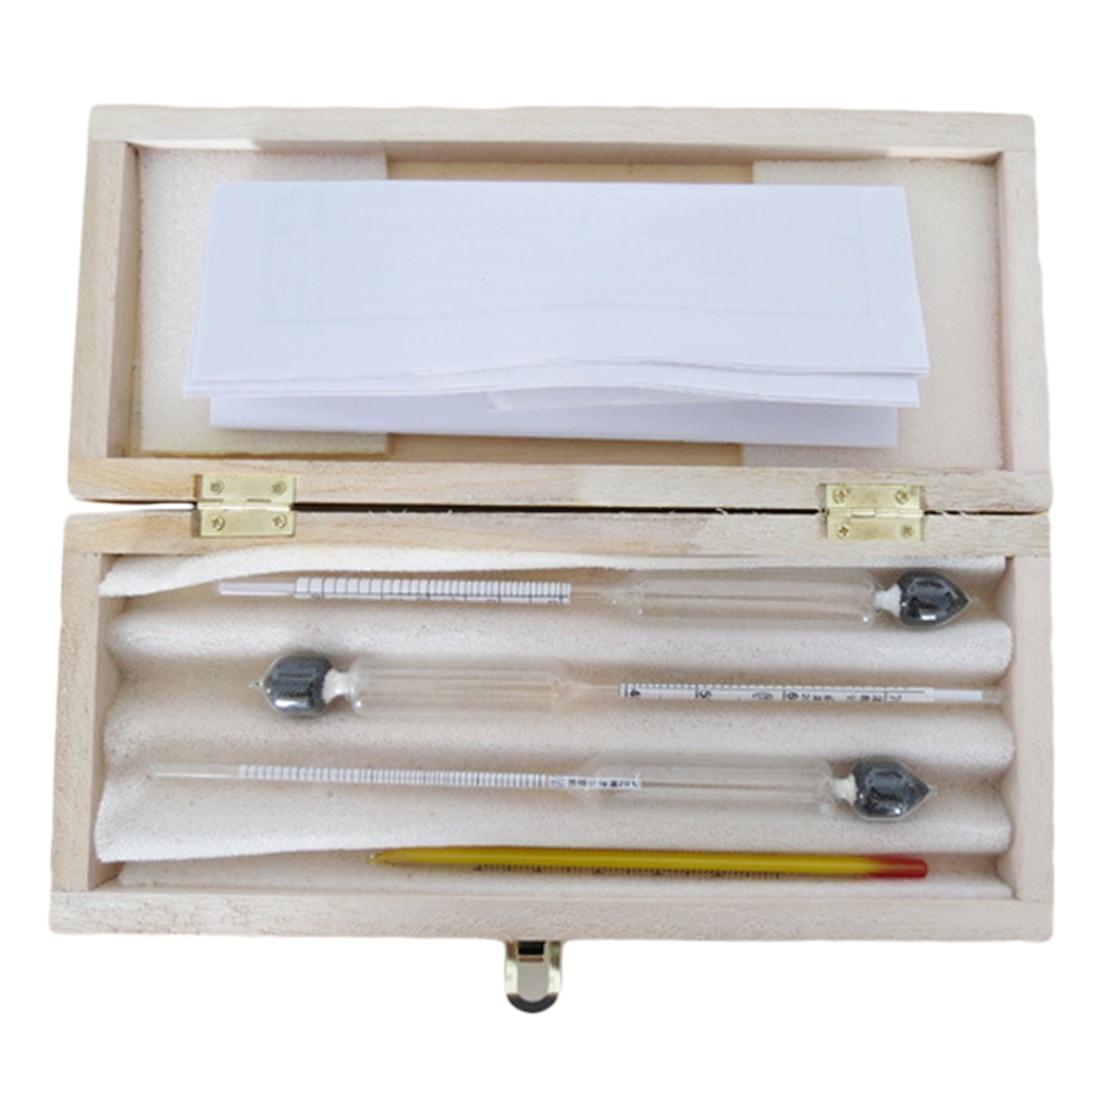 Heißer 3 teile/satz Glas Alcoholmeter Alkohol Meter wein Konzentration Meter Alkohol Instrument Hydrometer Tester